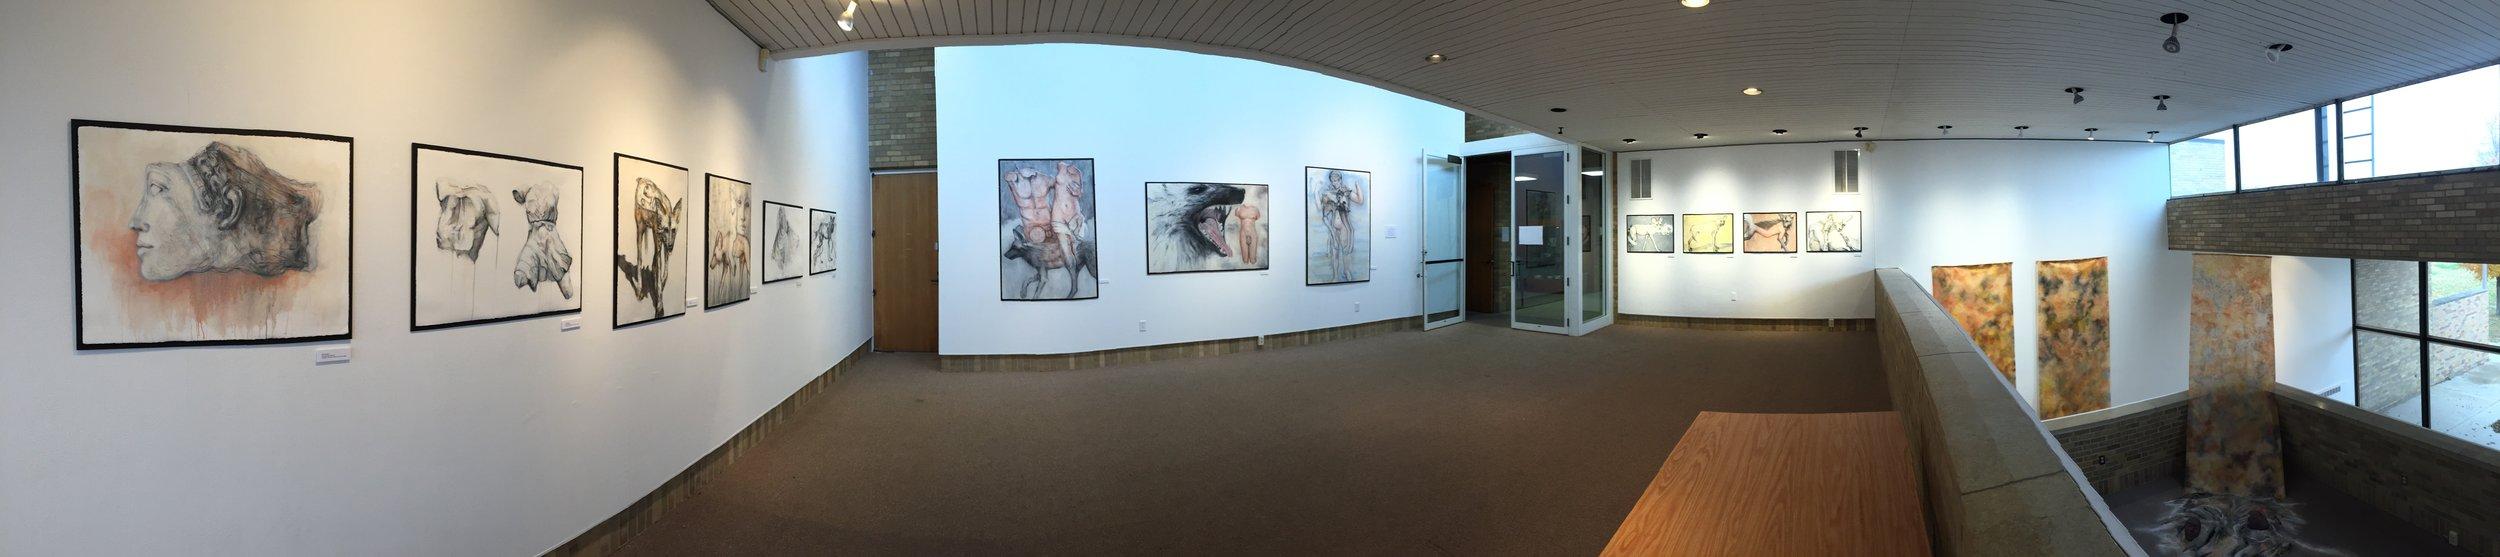 Installation view Schaeffer Gallery Gustavus Adolphus Collebe